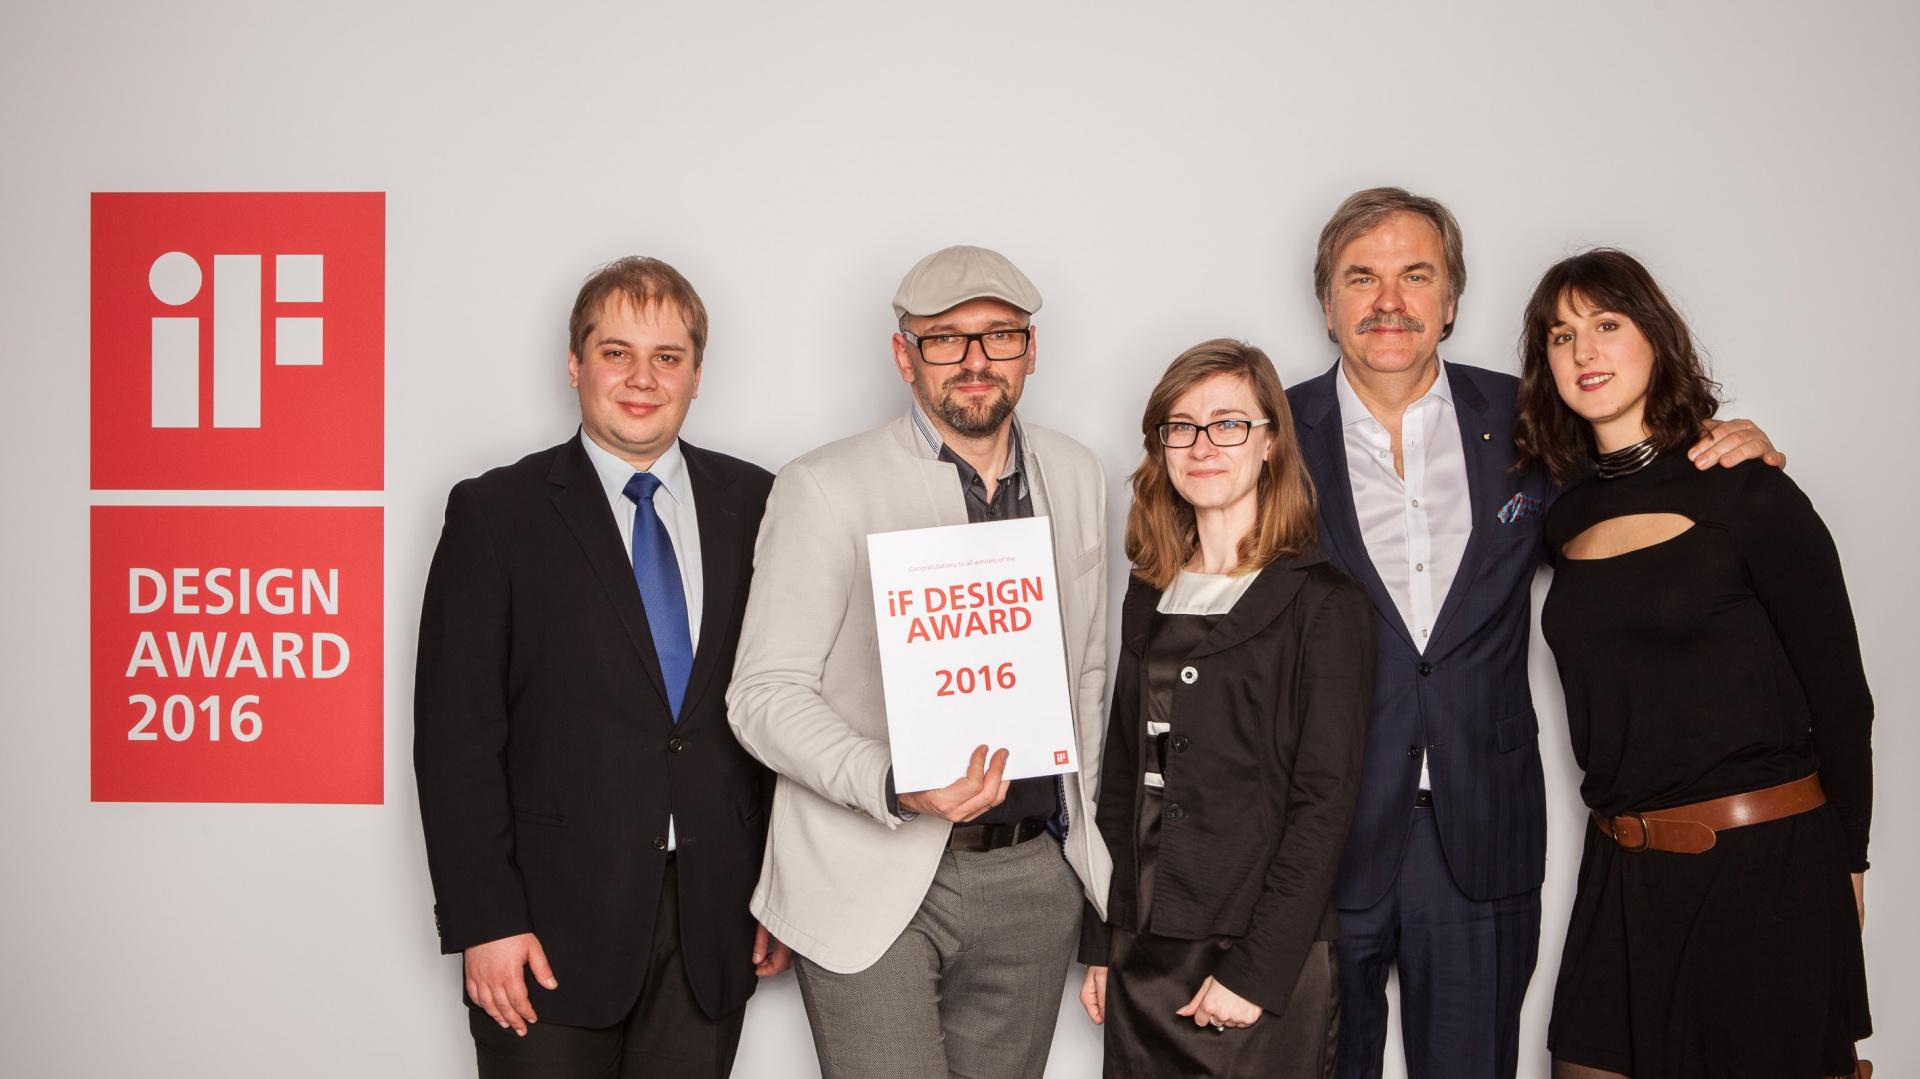 Firma Aquaform odebrała nagrodę w kategorii wzornictwa przemysłowego za innowacyjną lampę OLEDRIAN. Fot. Materiały prasowe